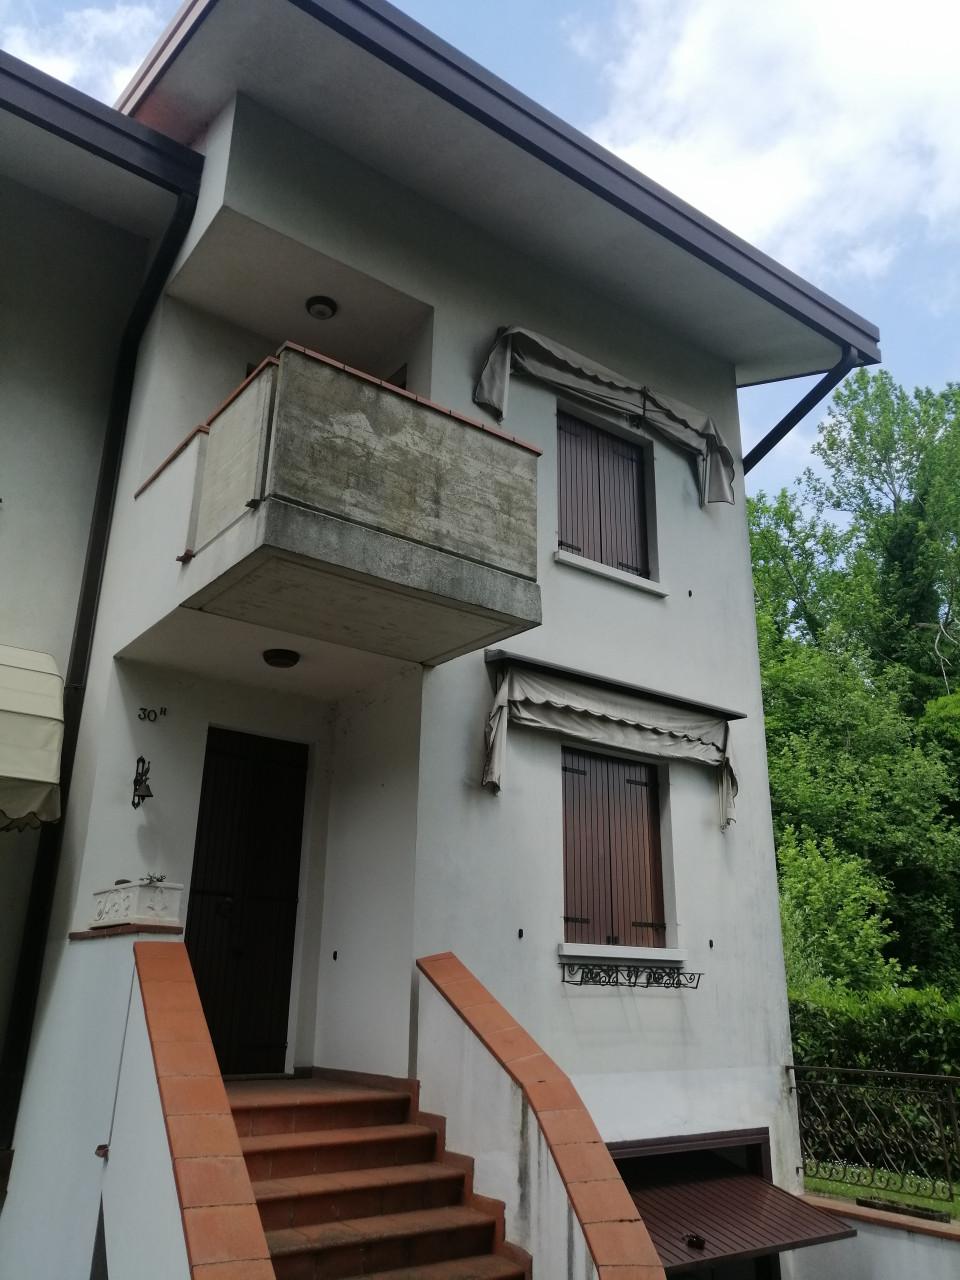 Casa a schiera d'angolo abitabile da subito